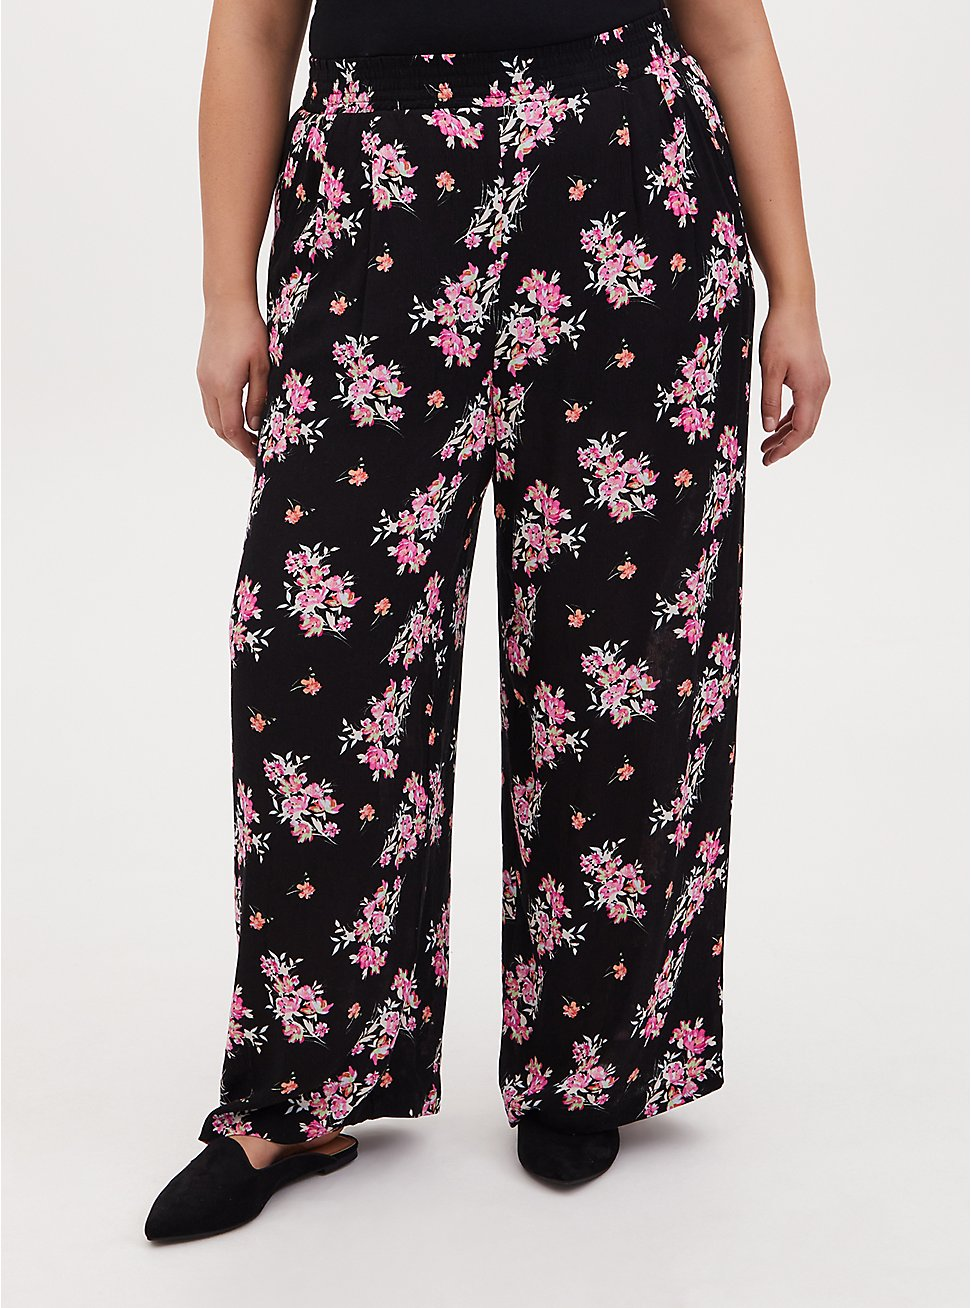 Black Floral Crinkle Gauze Wide Leg Pant, FLORAL, hi-res